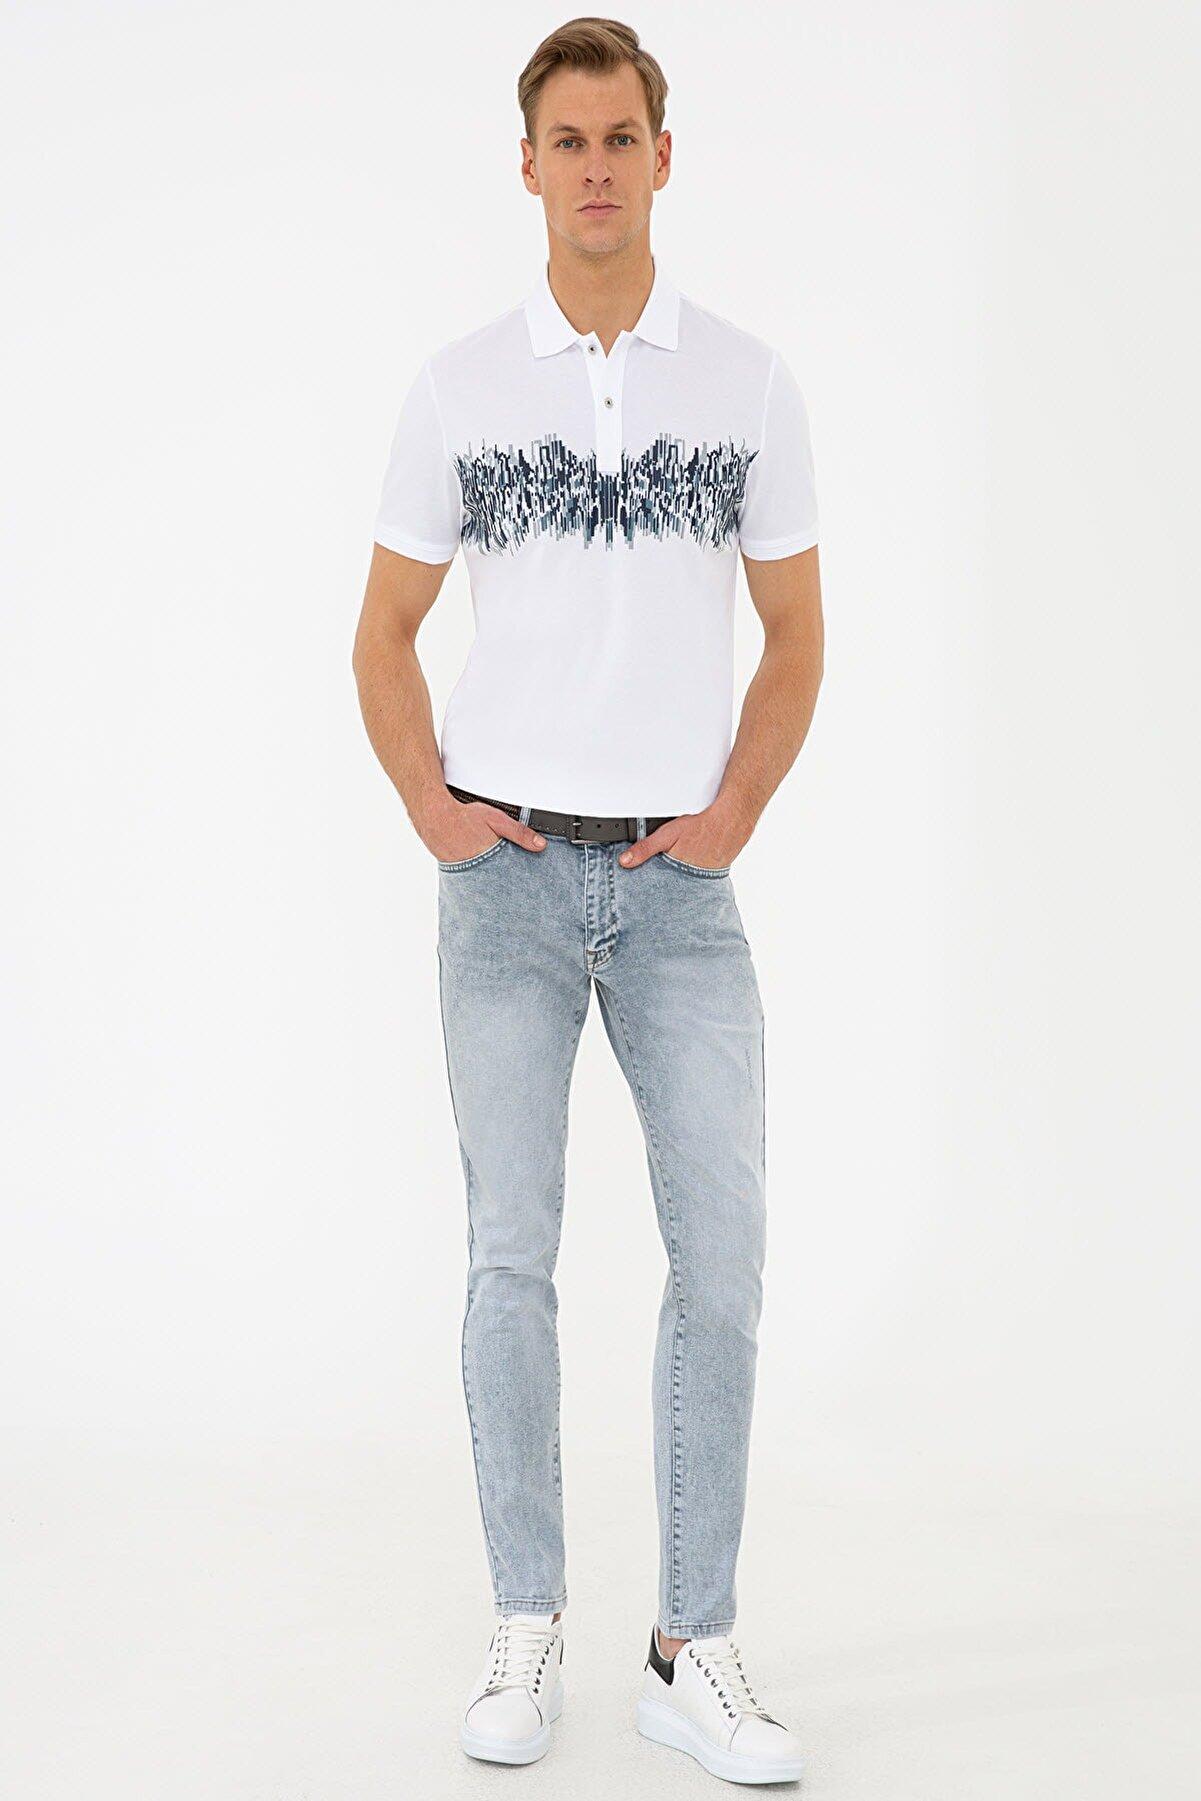 Pierre Cardin Beyaz Slim Fit Polo Yaka T-Shirt